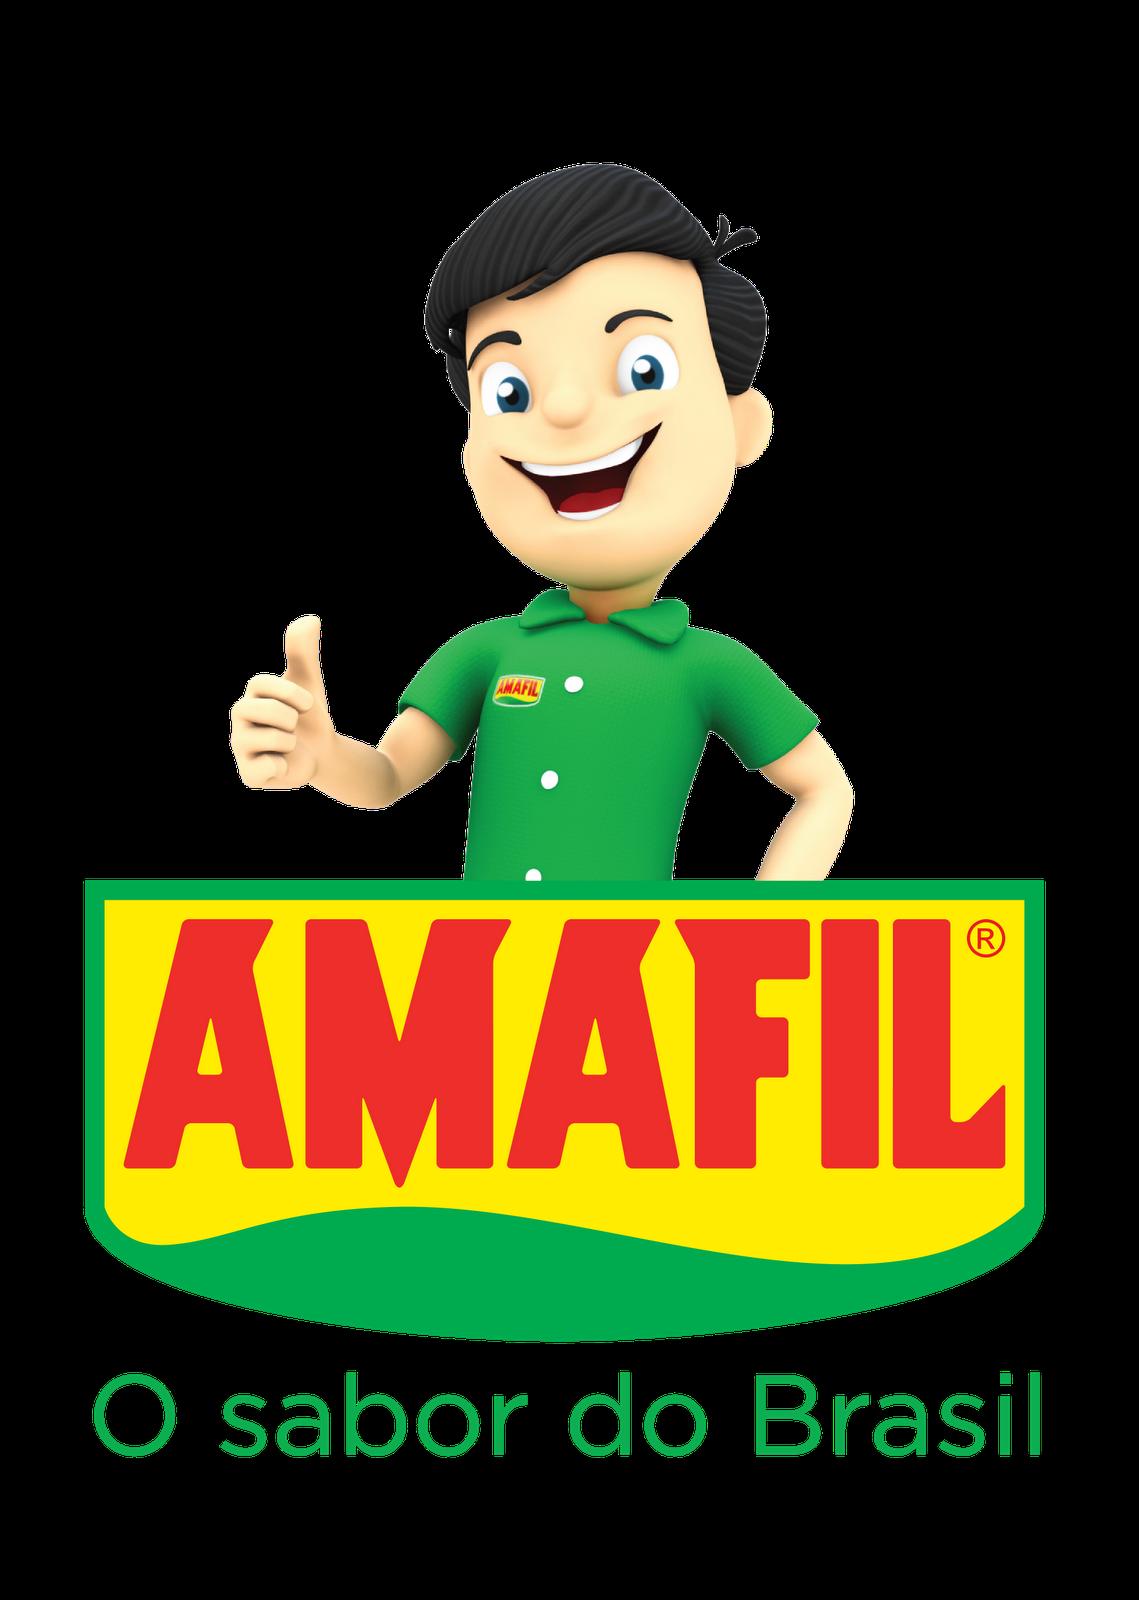 Associação dos Funcionários da Amafil - ASFA